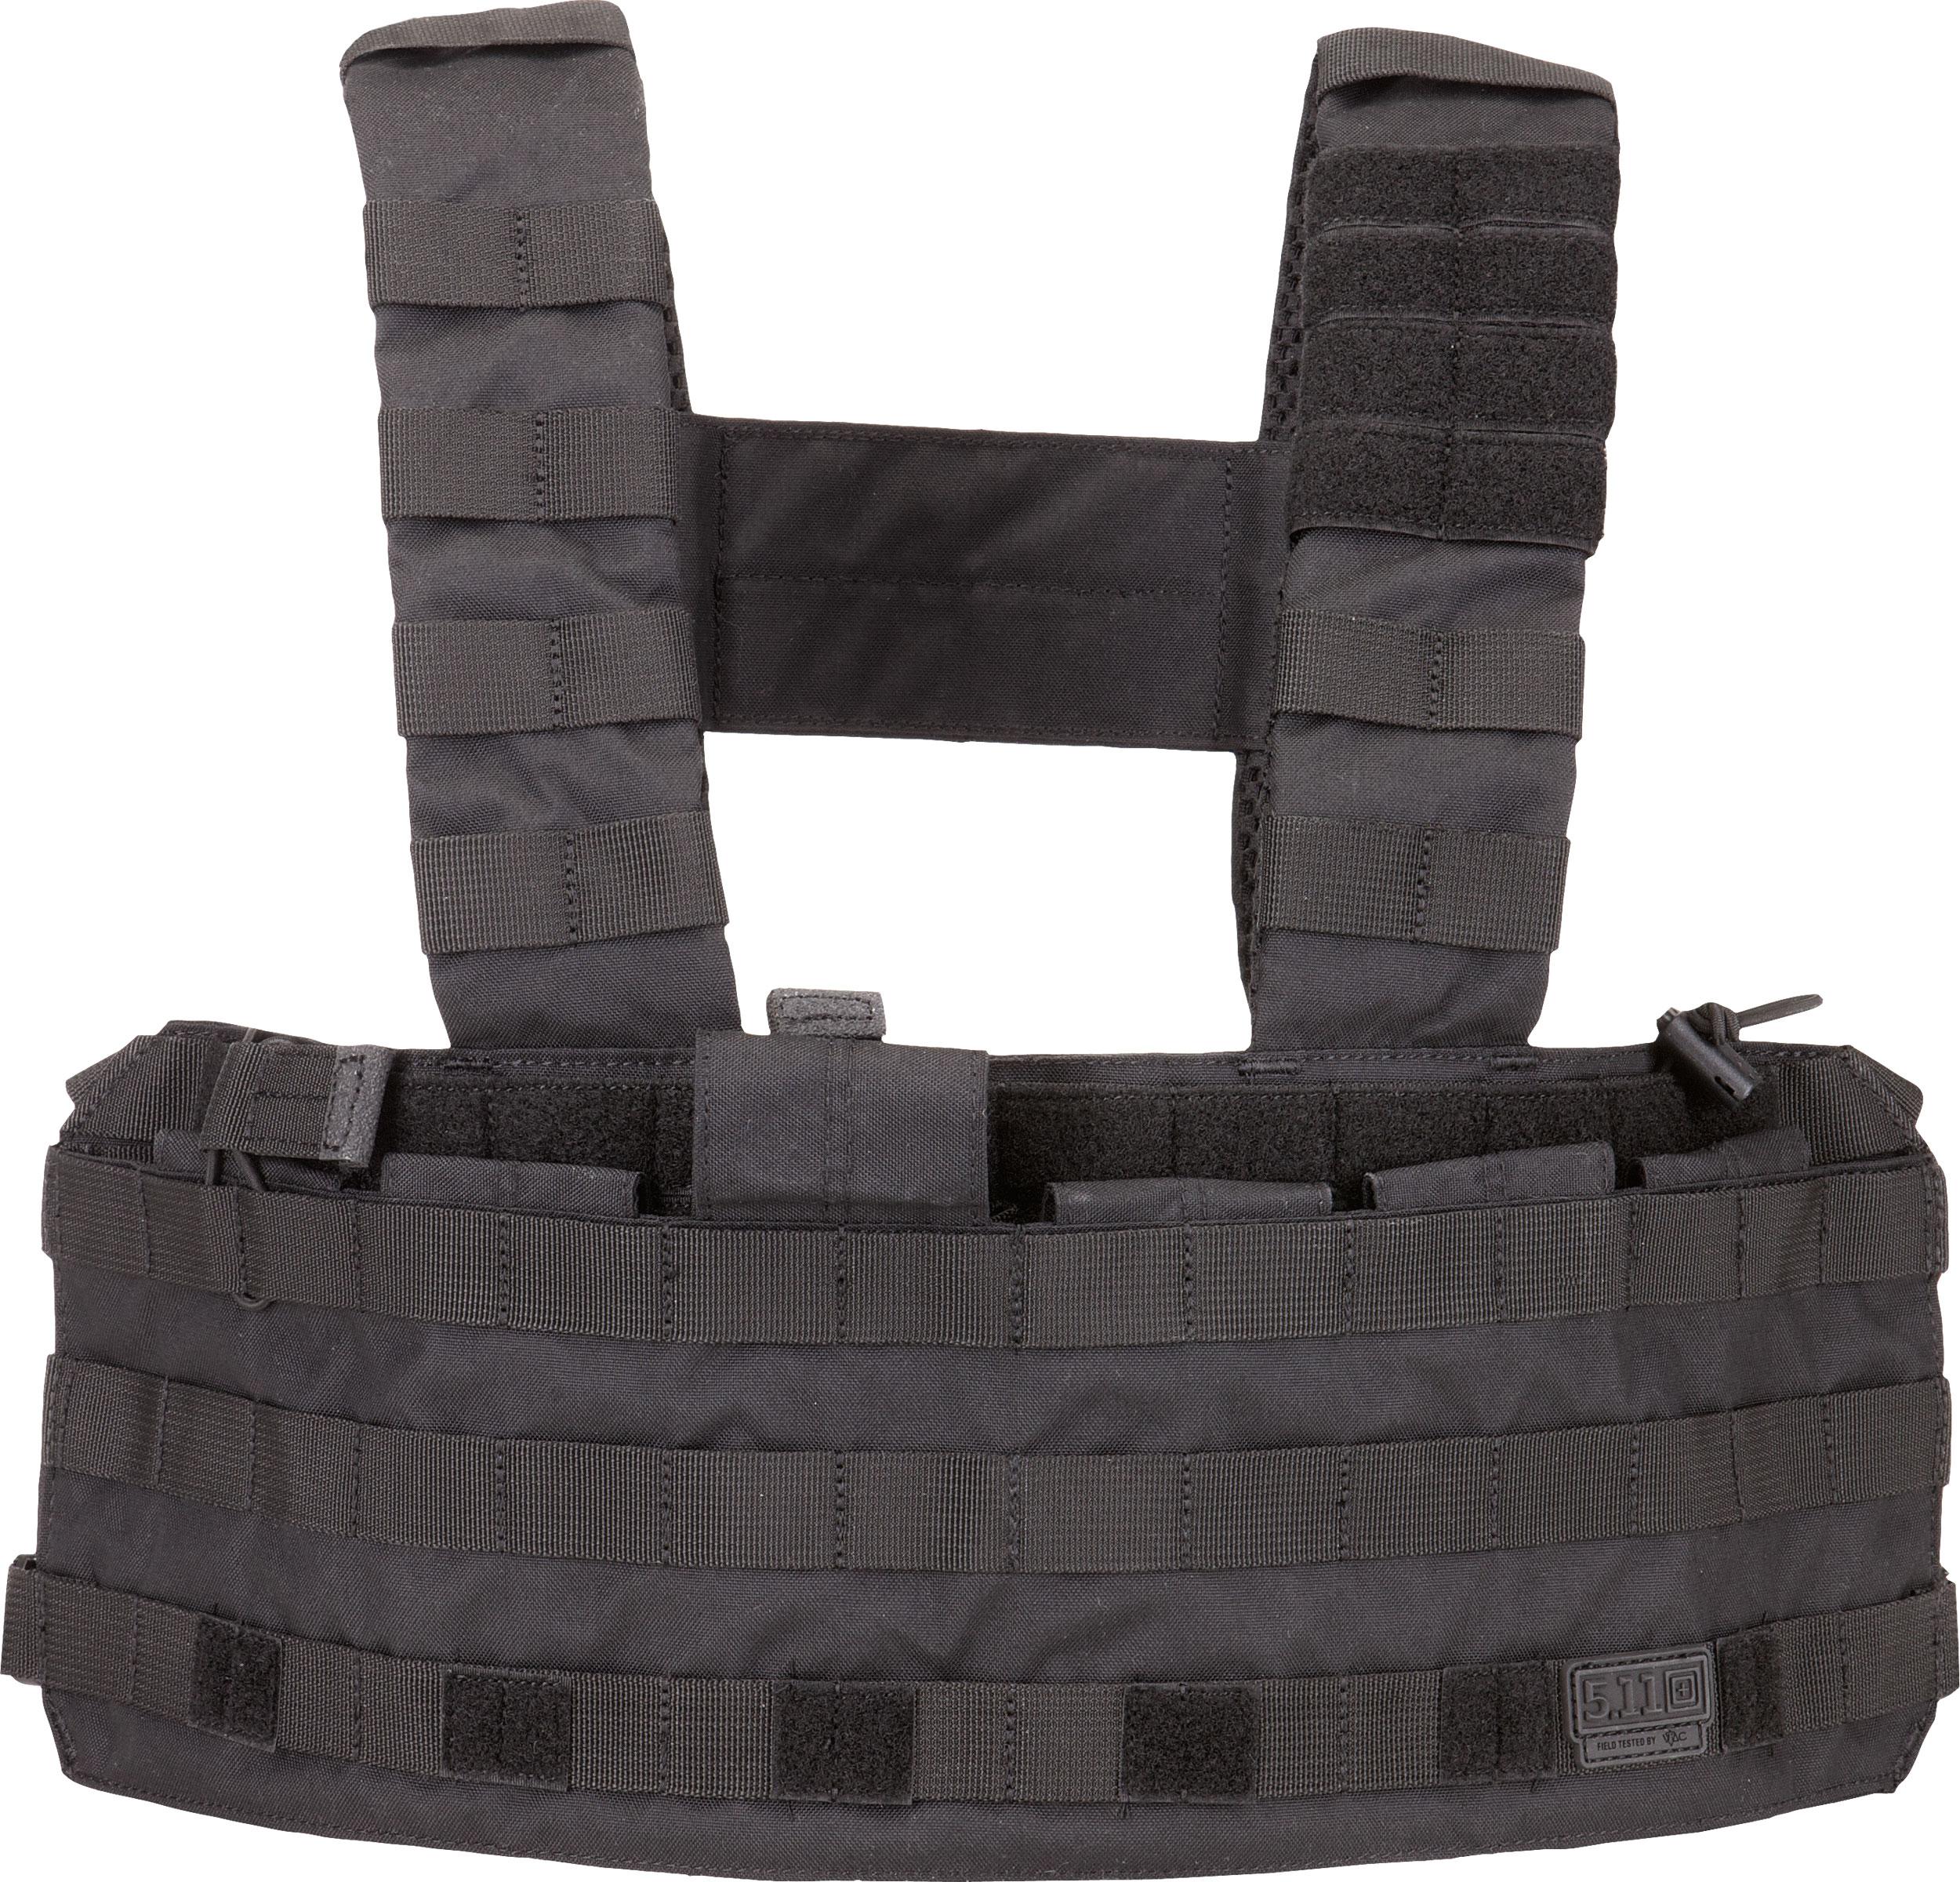 5.11 Tactical TacTec Tactical Chest Rig, Black (56061-019)